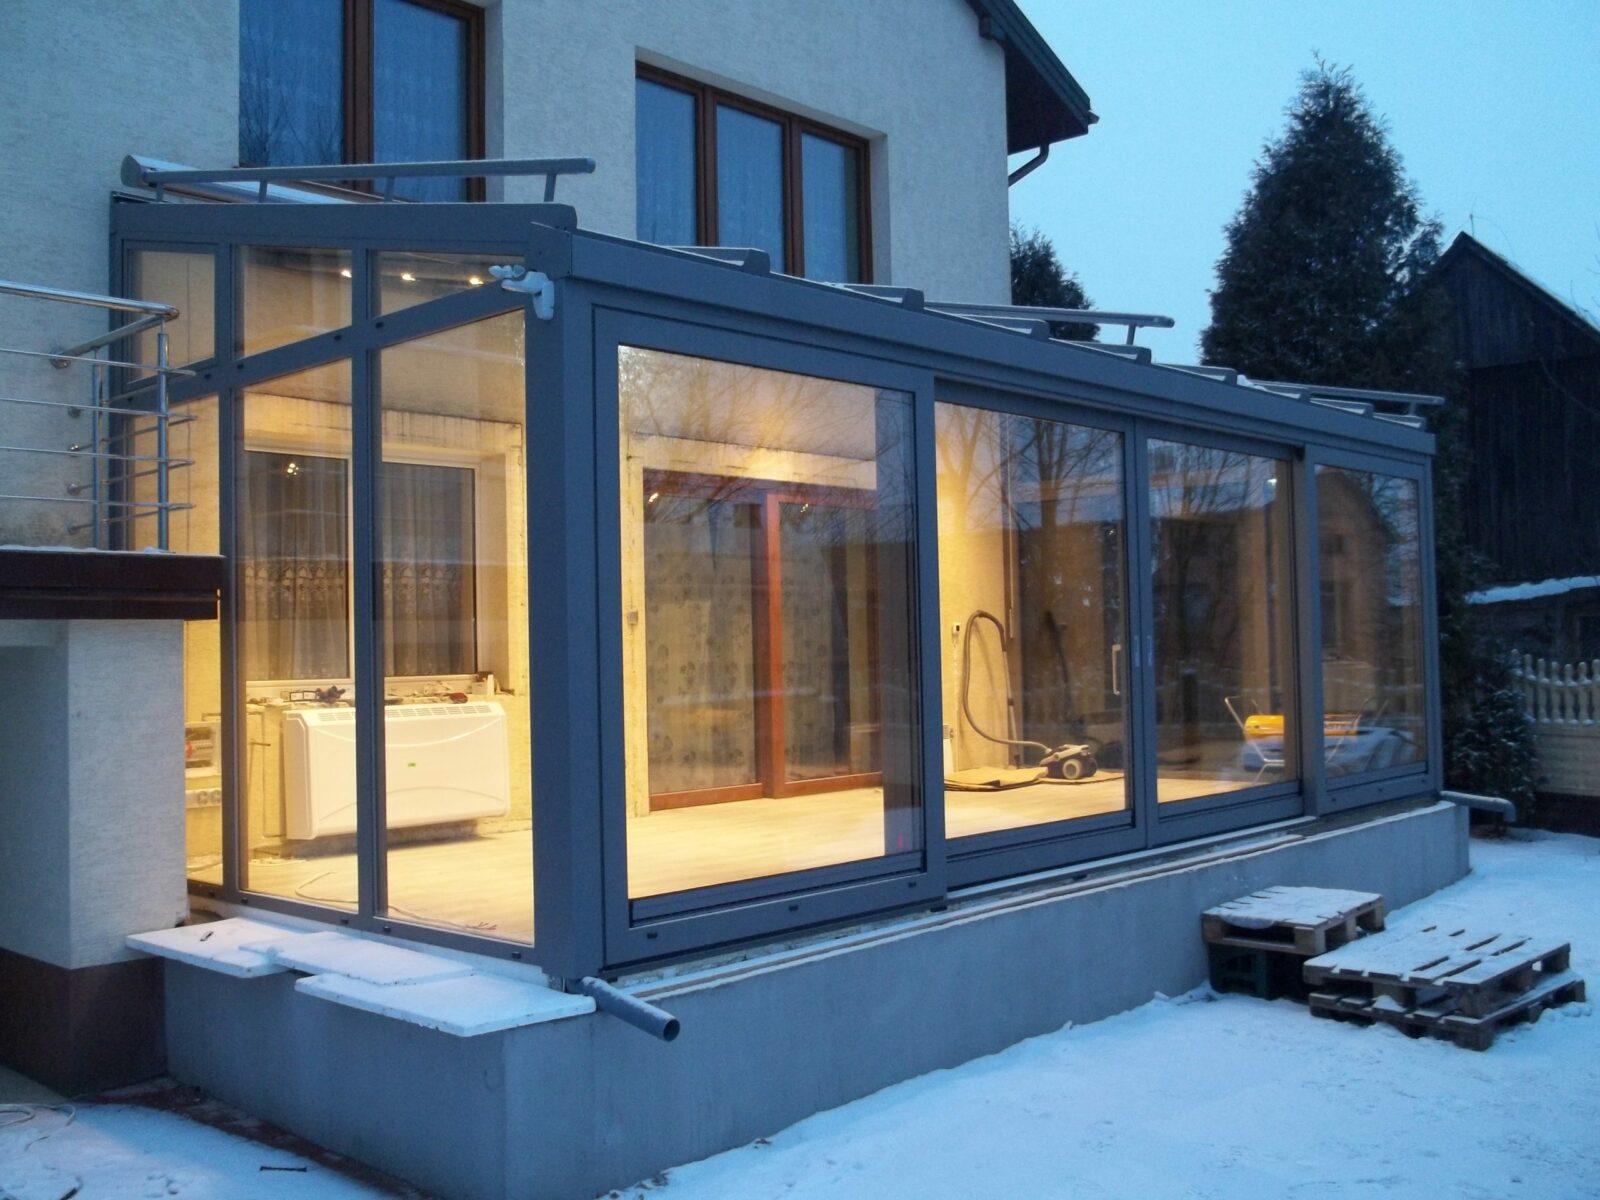 Ogród zimowy zimą z oświetleniem